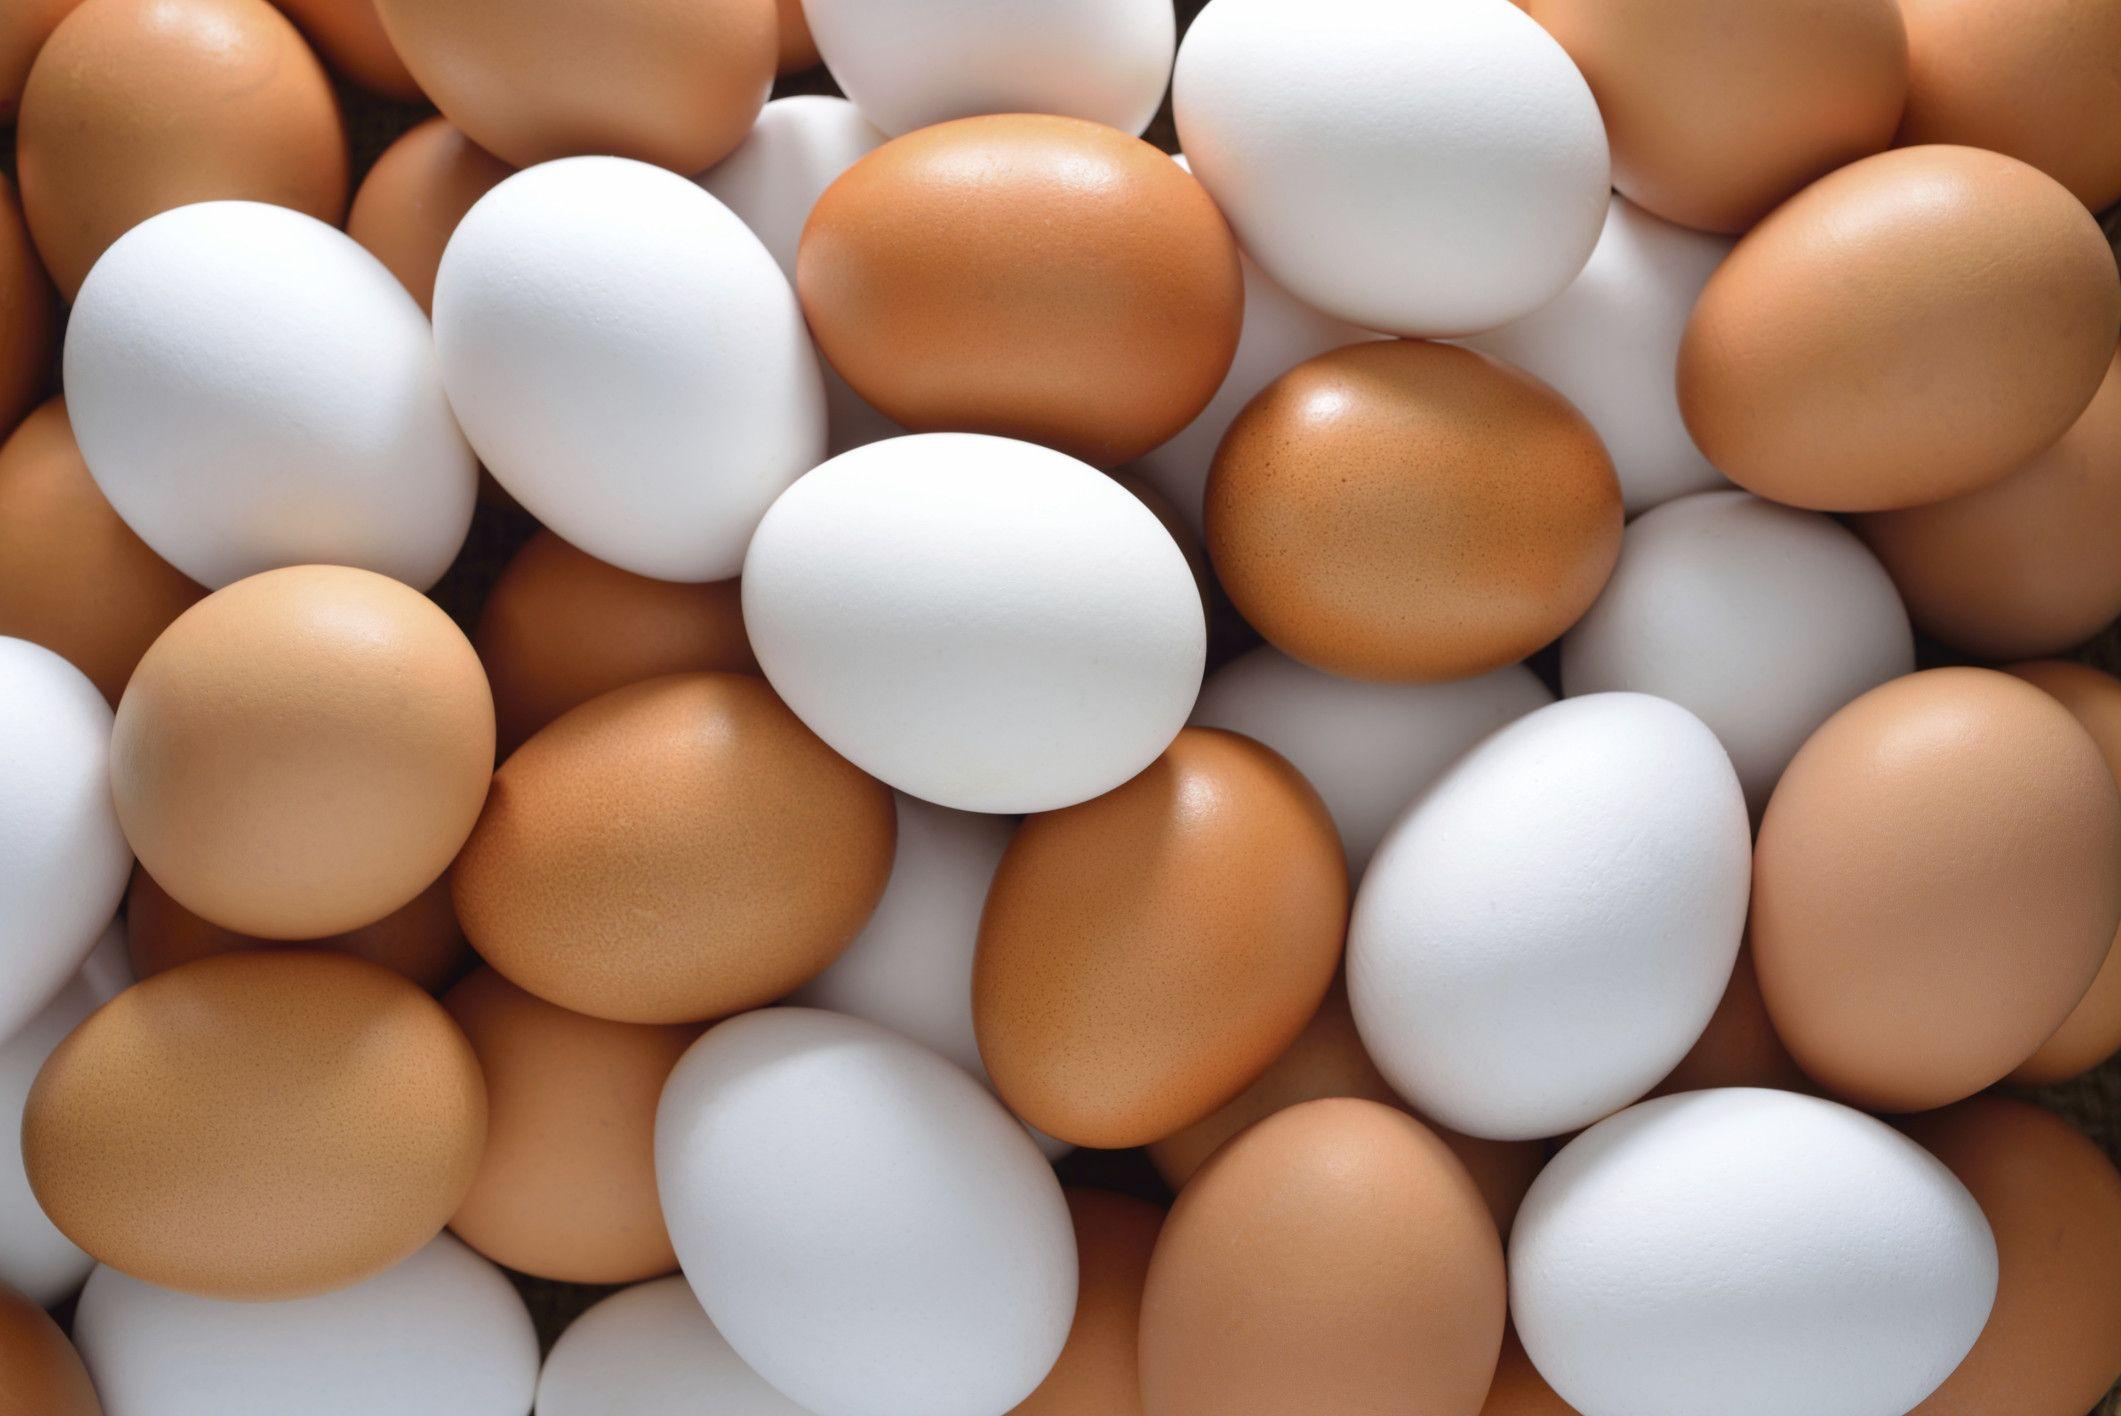 Perchè dovresti mangiare l'albume di 2 uova con 1 uovo intero?